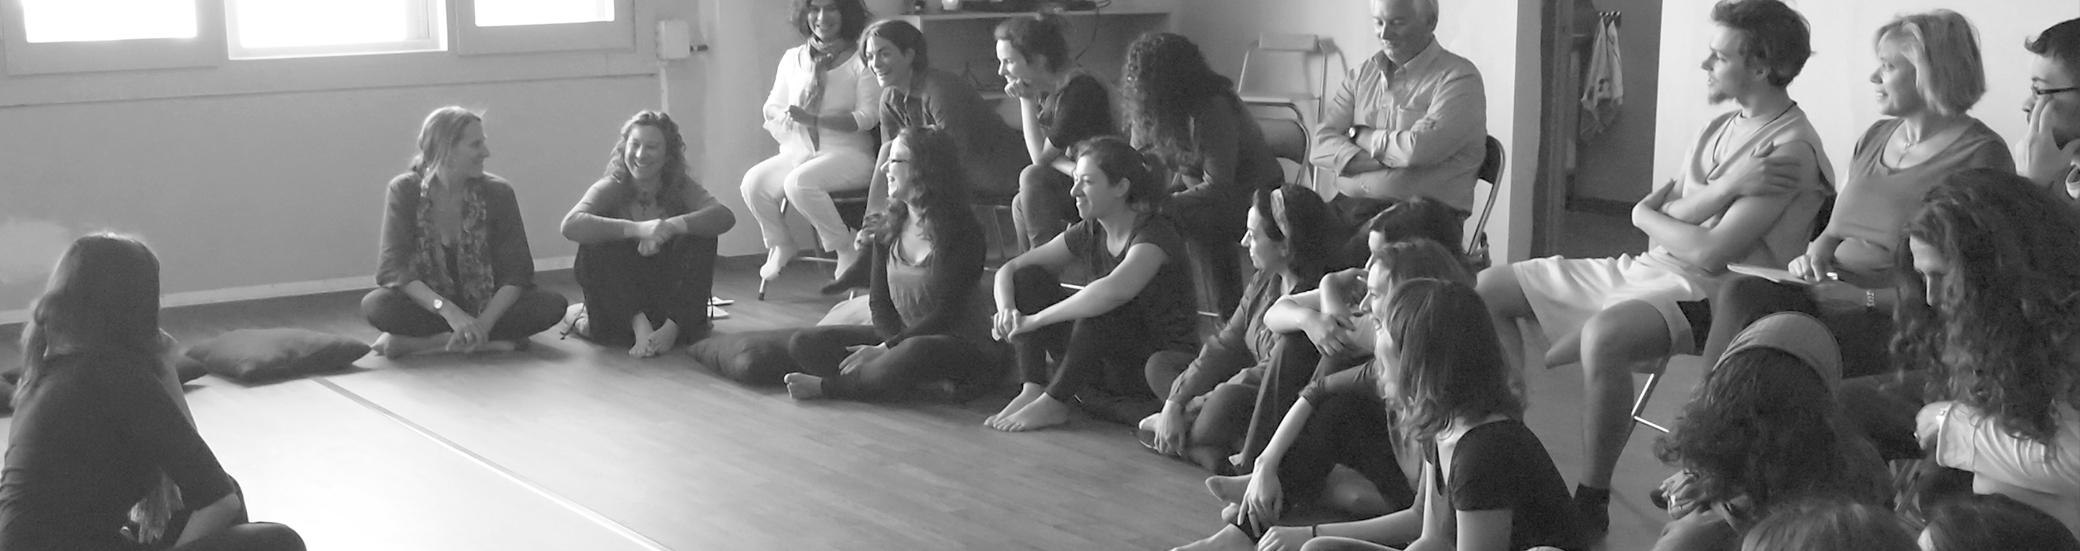 curso de musicoterapia y metodo dmi en barcelona